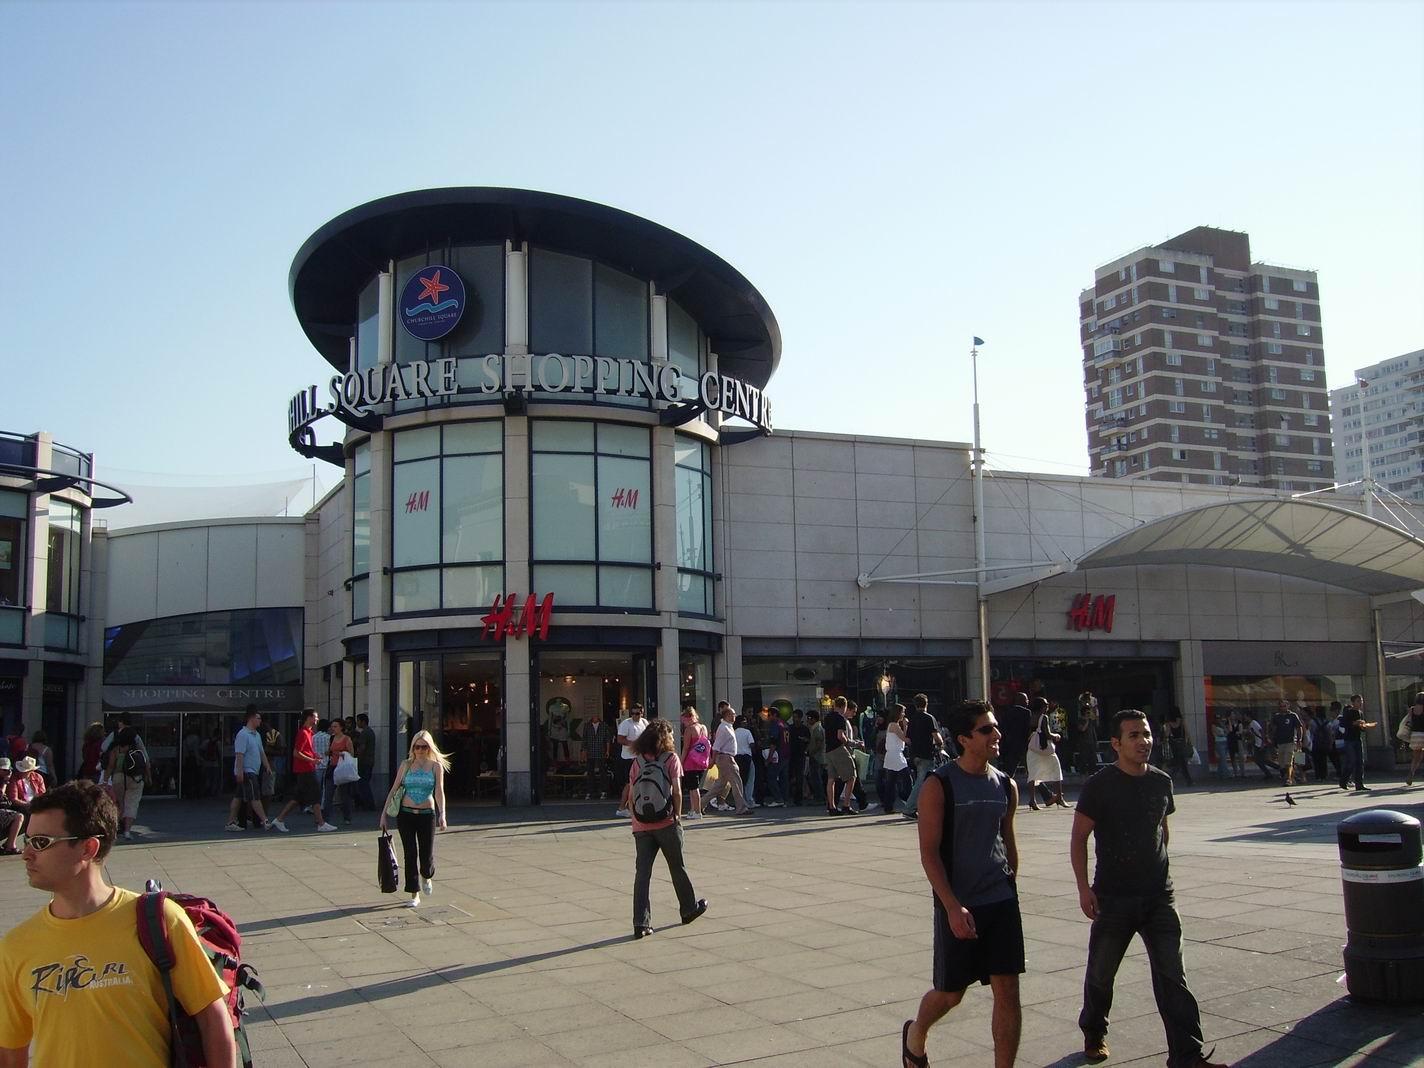 Voyages et d couvertes brighton lanes et shopping centre - Centre commercial bron ...